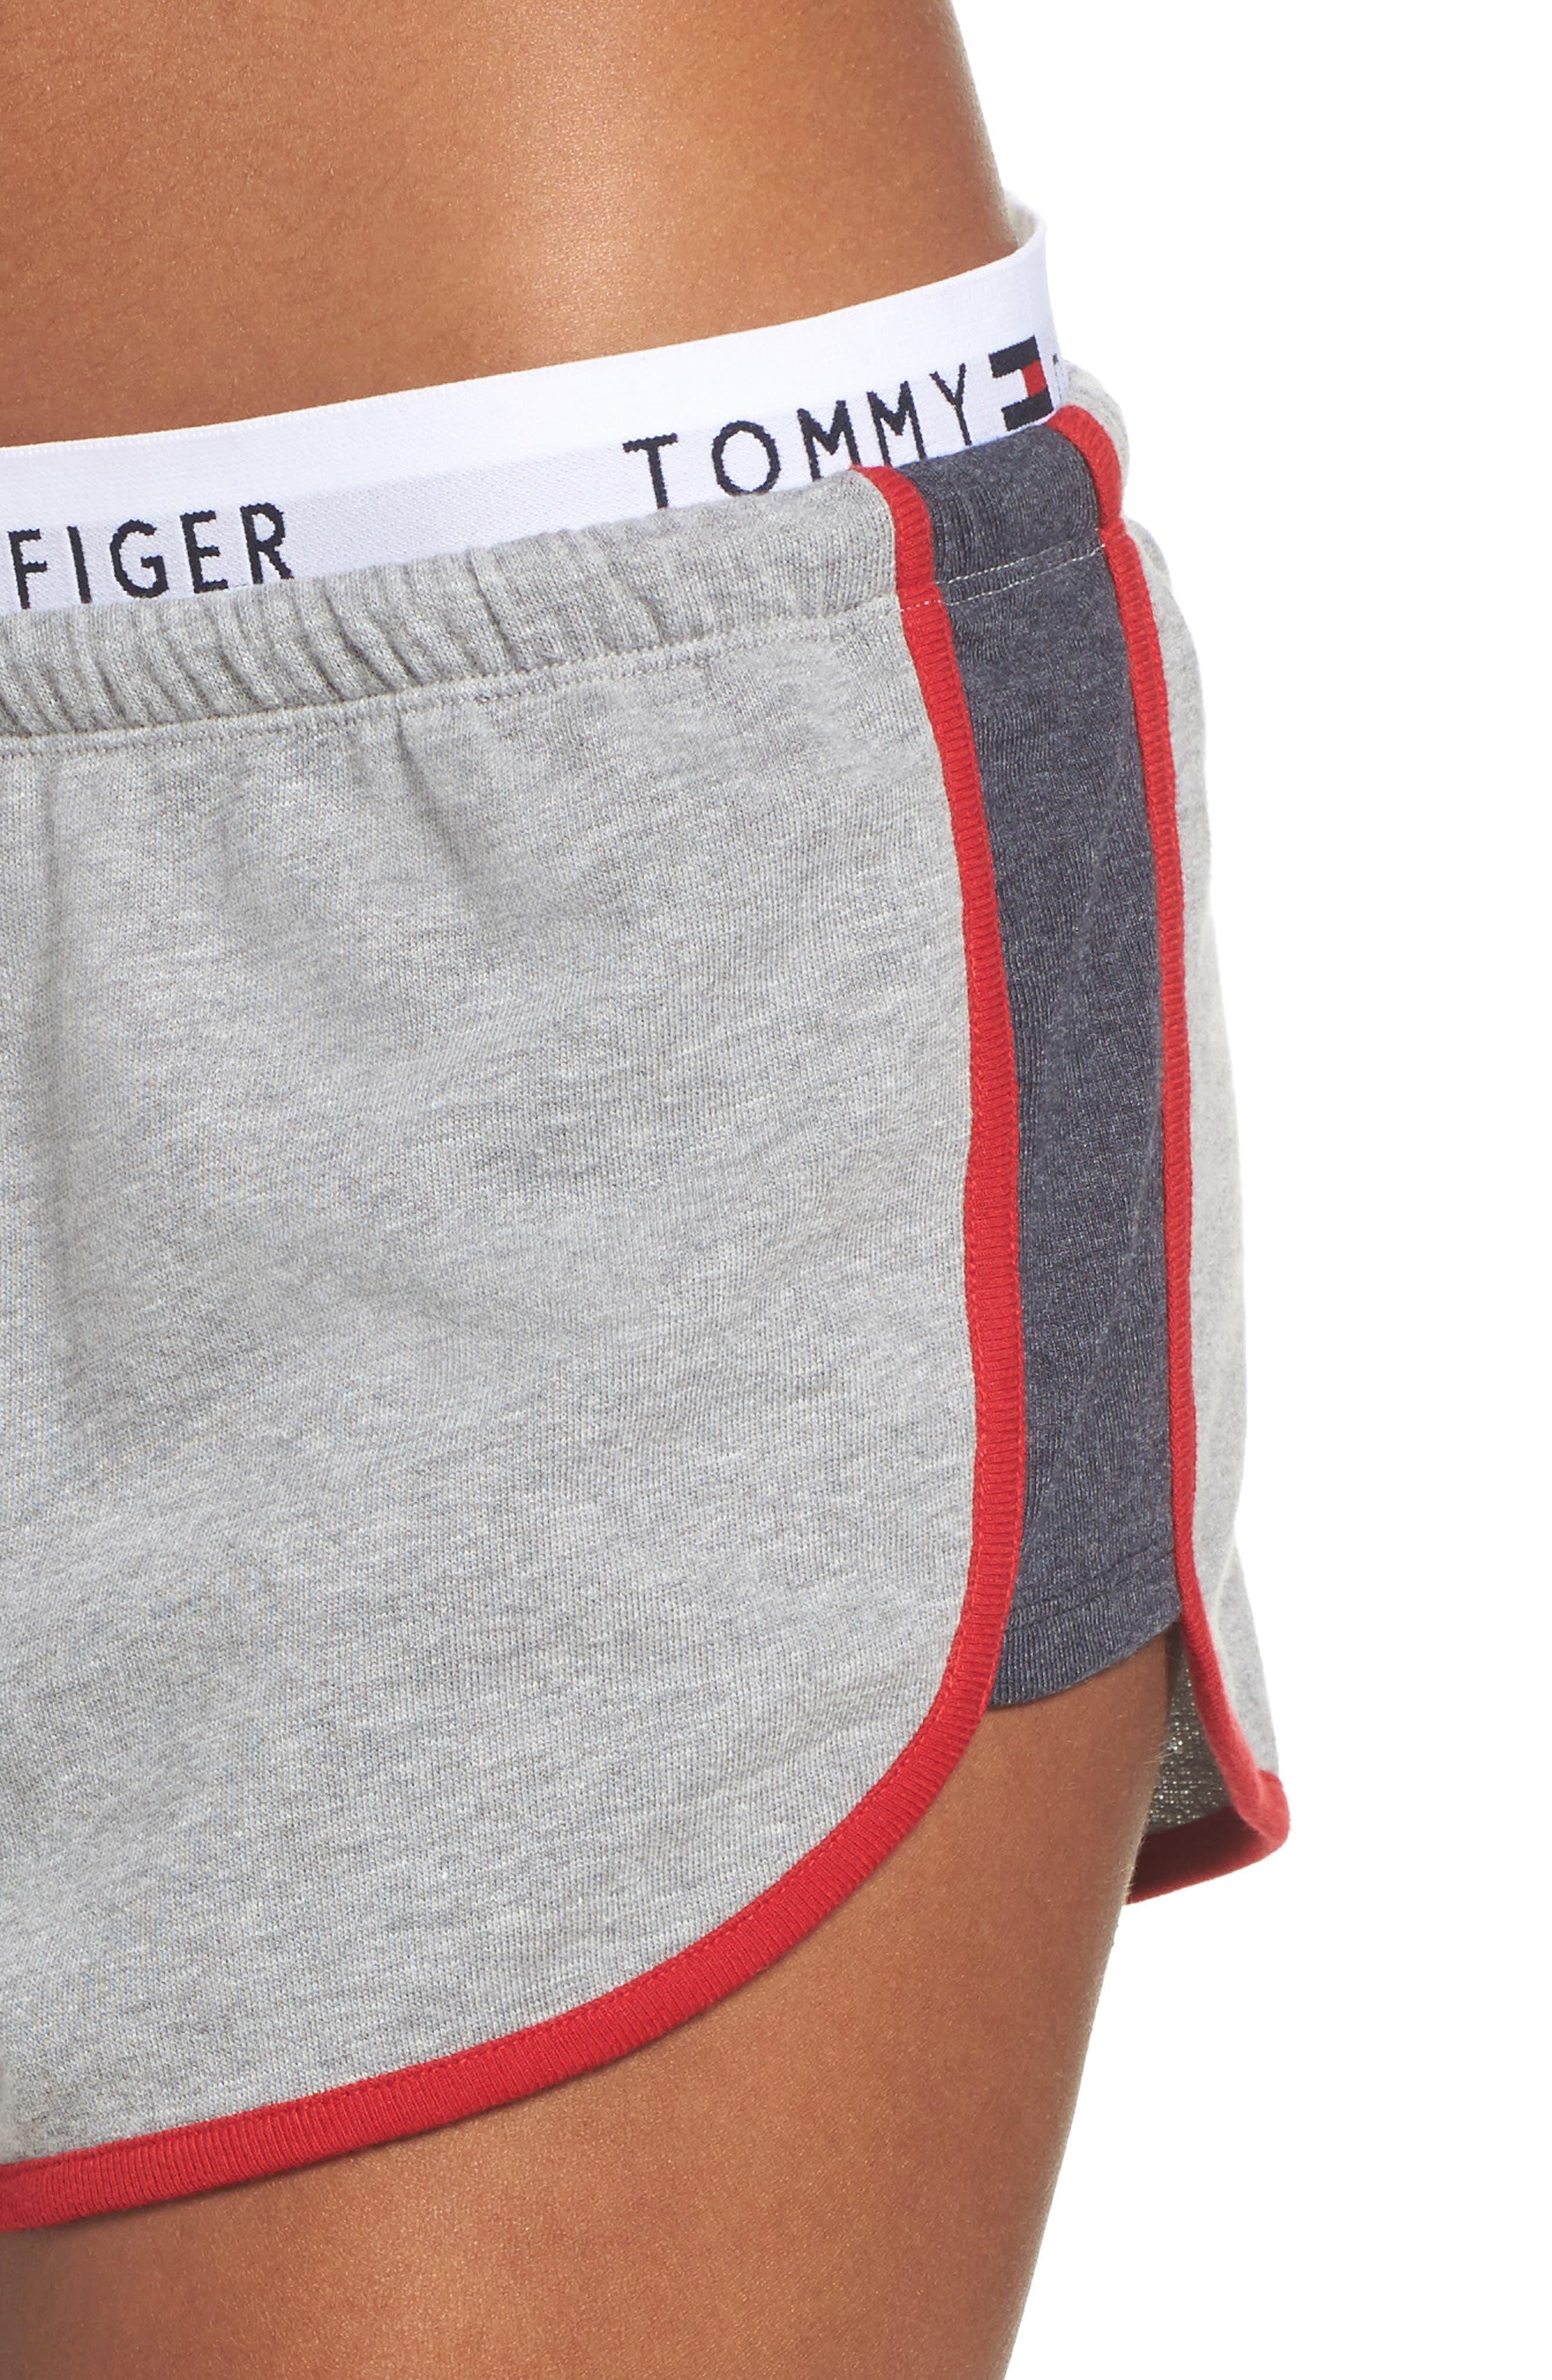 TH Retro Shorts,                             Alternate thumbnail 7, color,